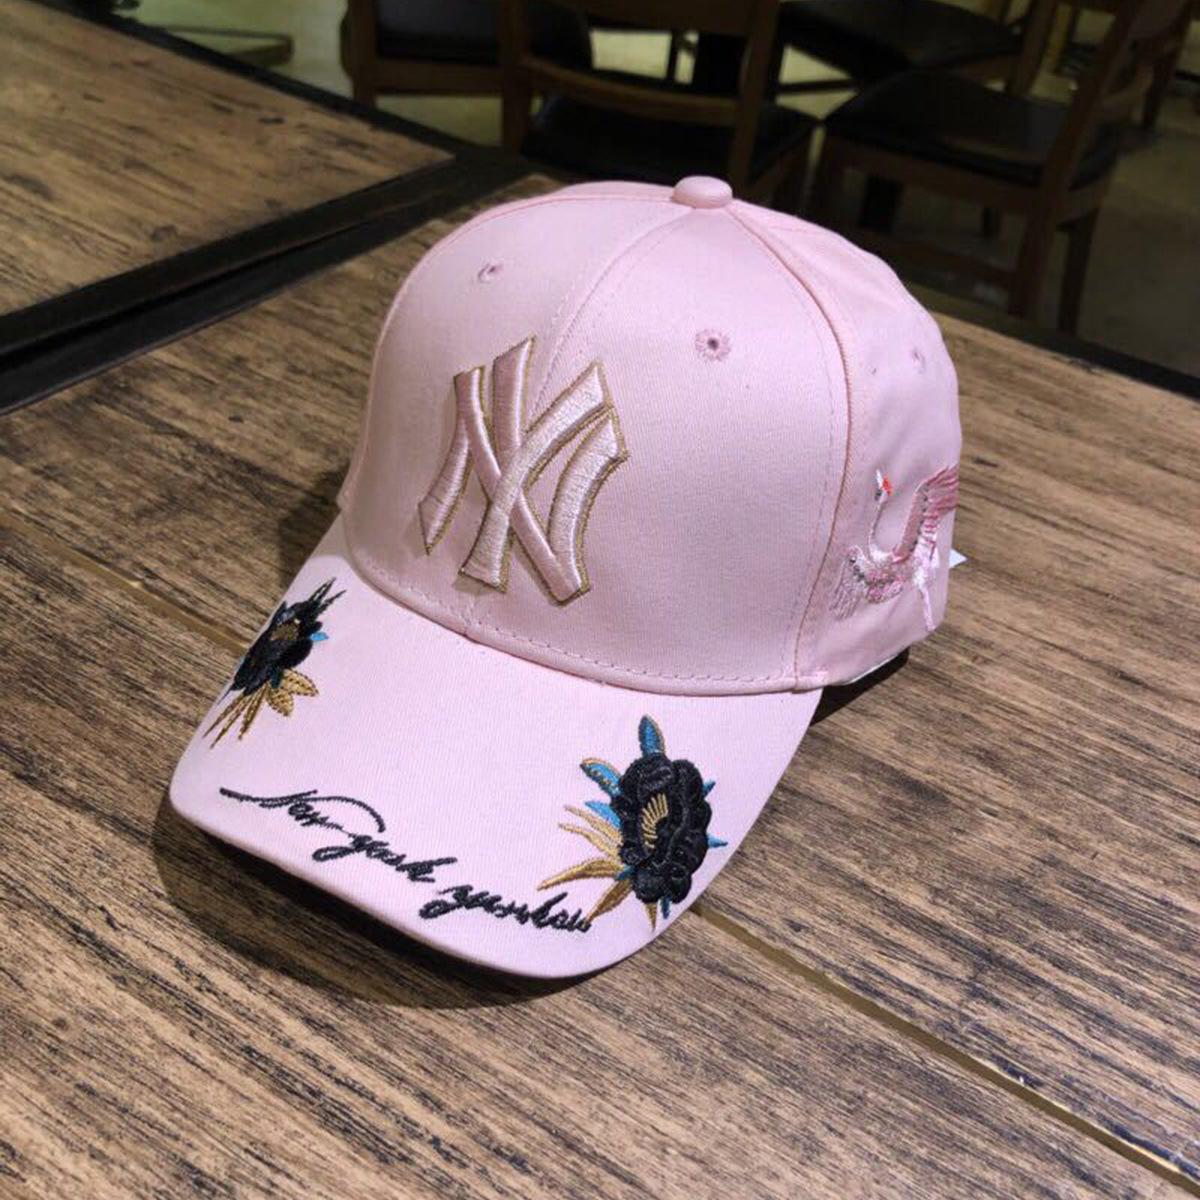 6fcee3a56 Buy Mlb Baseball Cap Ny Hat New Rose Crane Embroidery Black Khaki ...